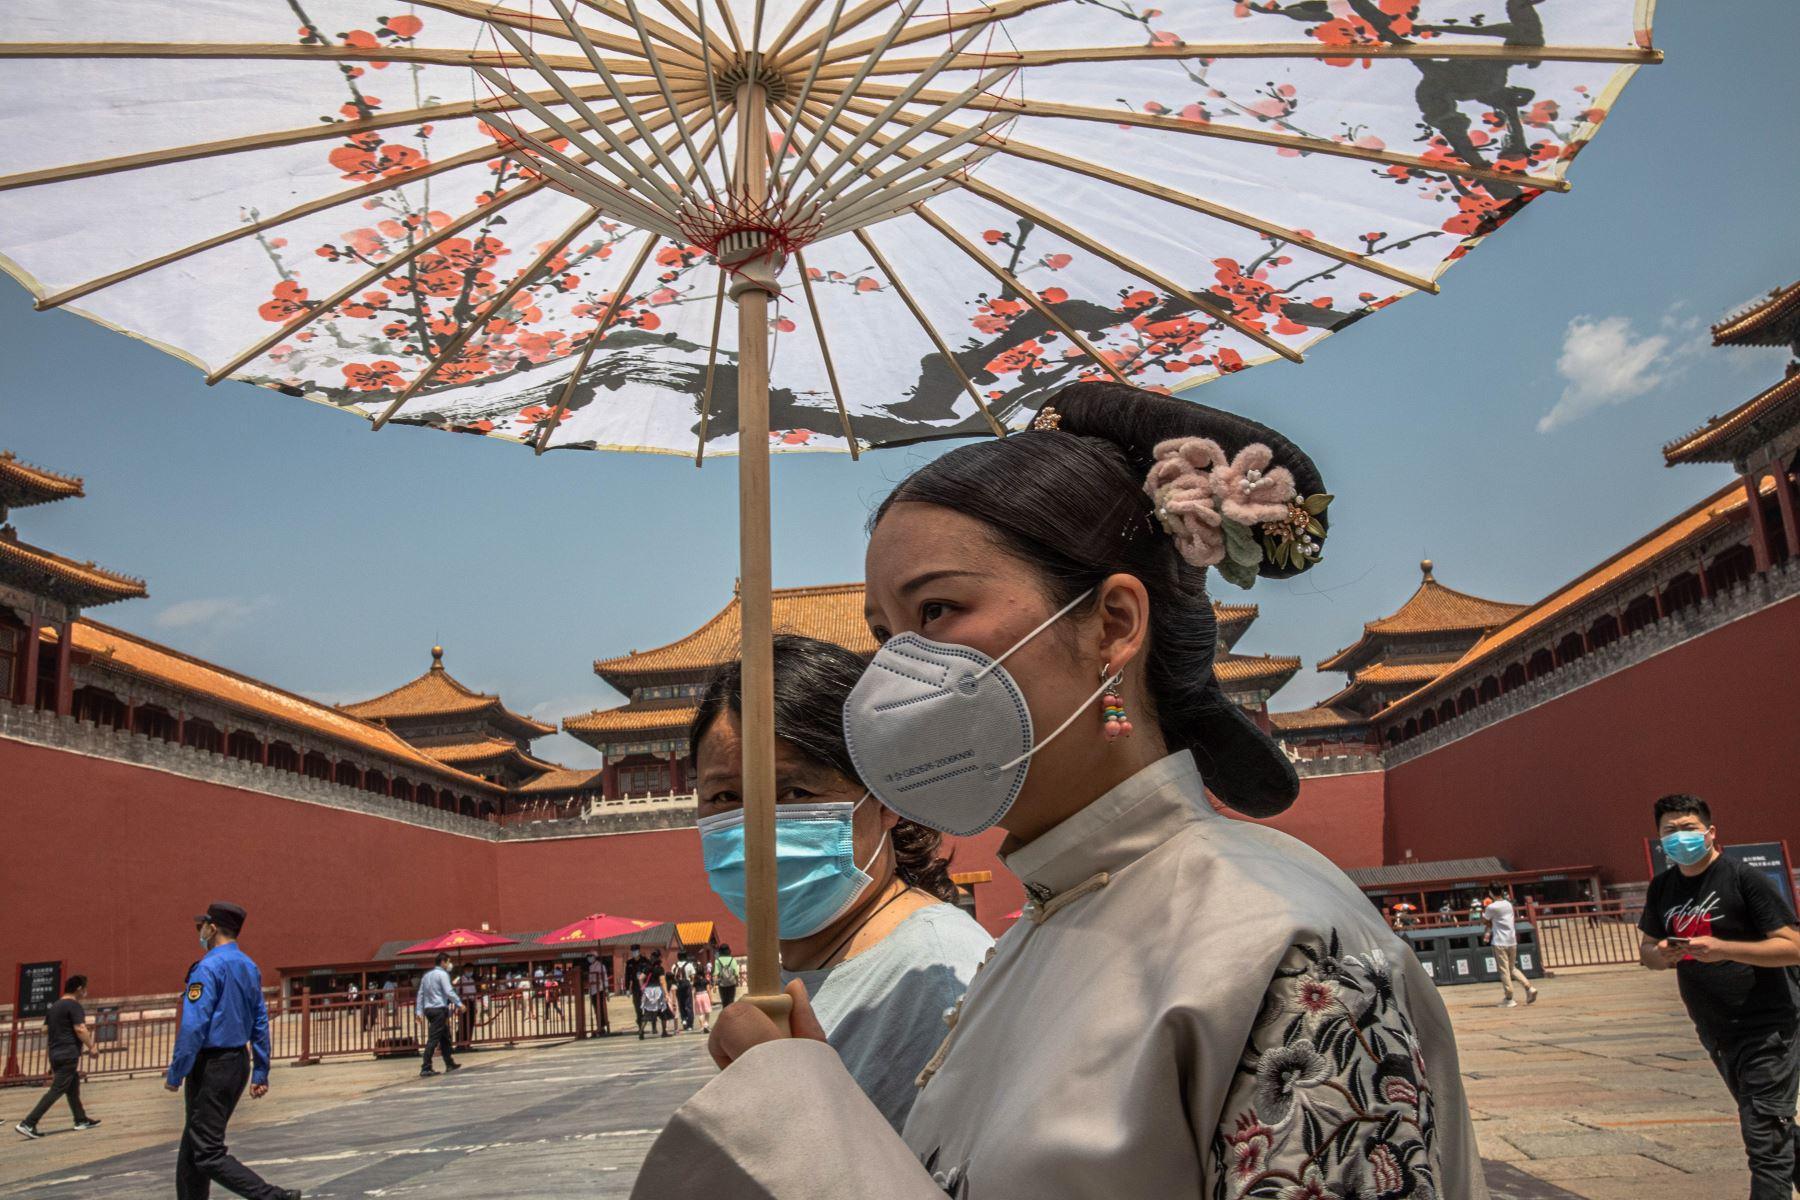 os mujeres con mascarillas caminan por la entrada de la Ciudad Prohibida el primer día del Congreso Nacional del Pueblo (APN) de China en Beijing. Foto: EFE